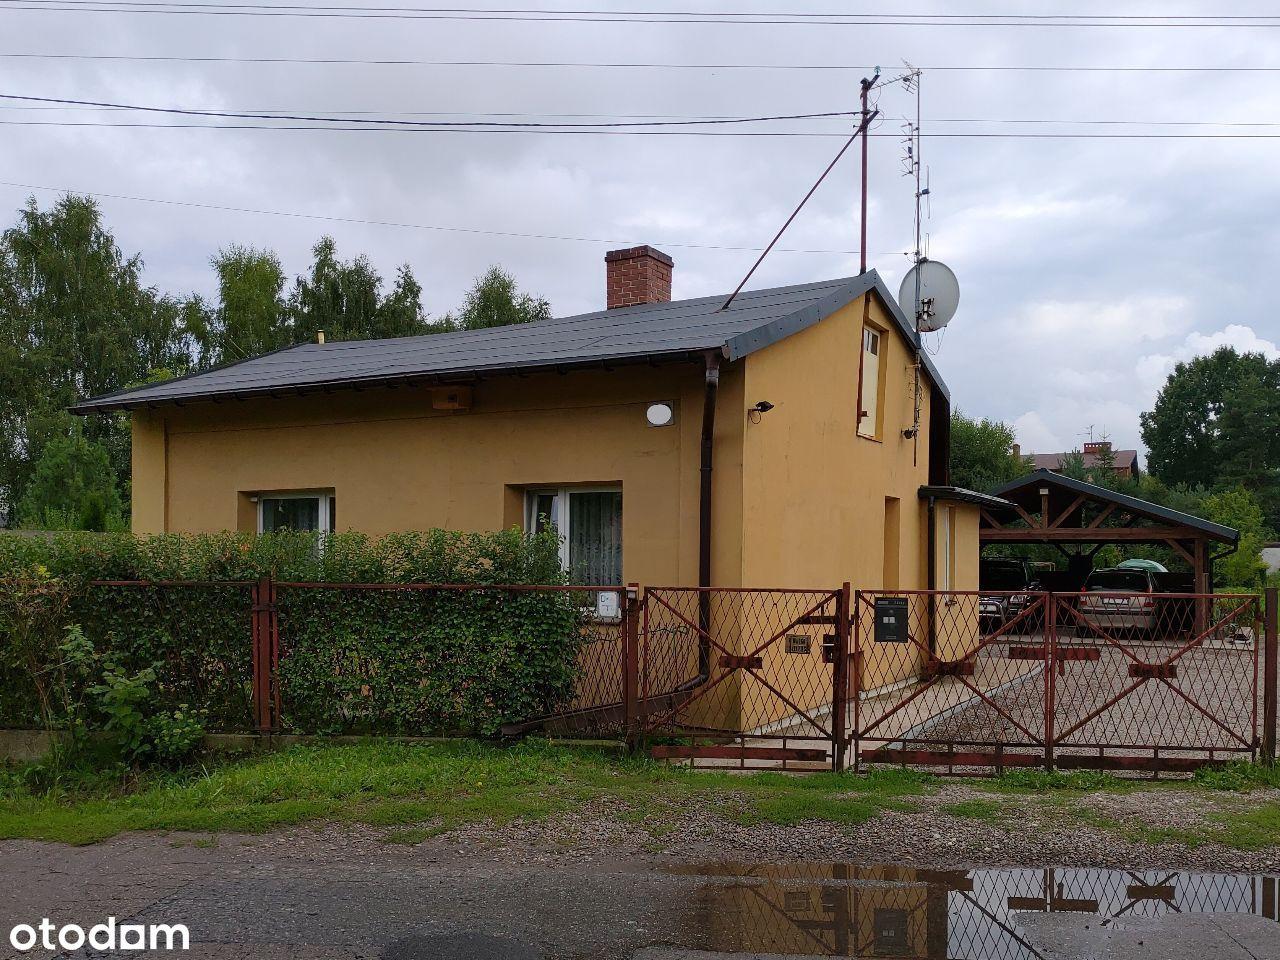 Dom jednorodzinny w Częstochowie na sprzedaż